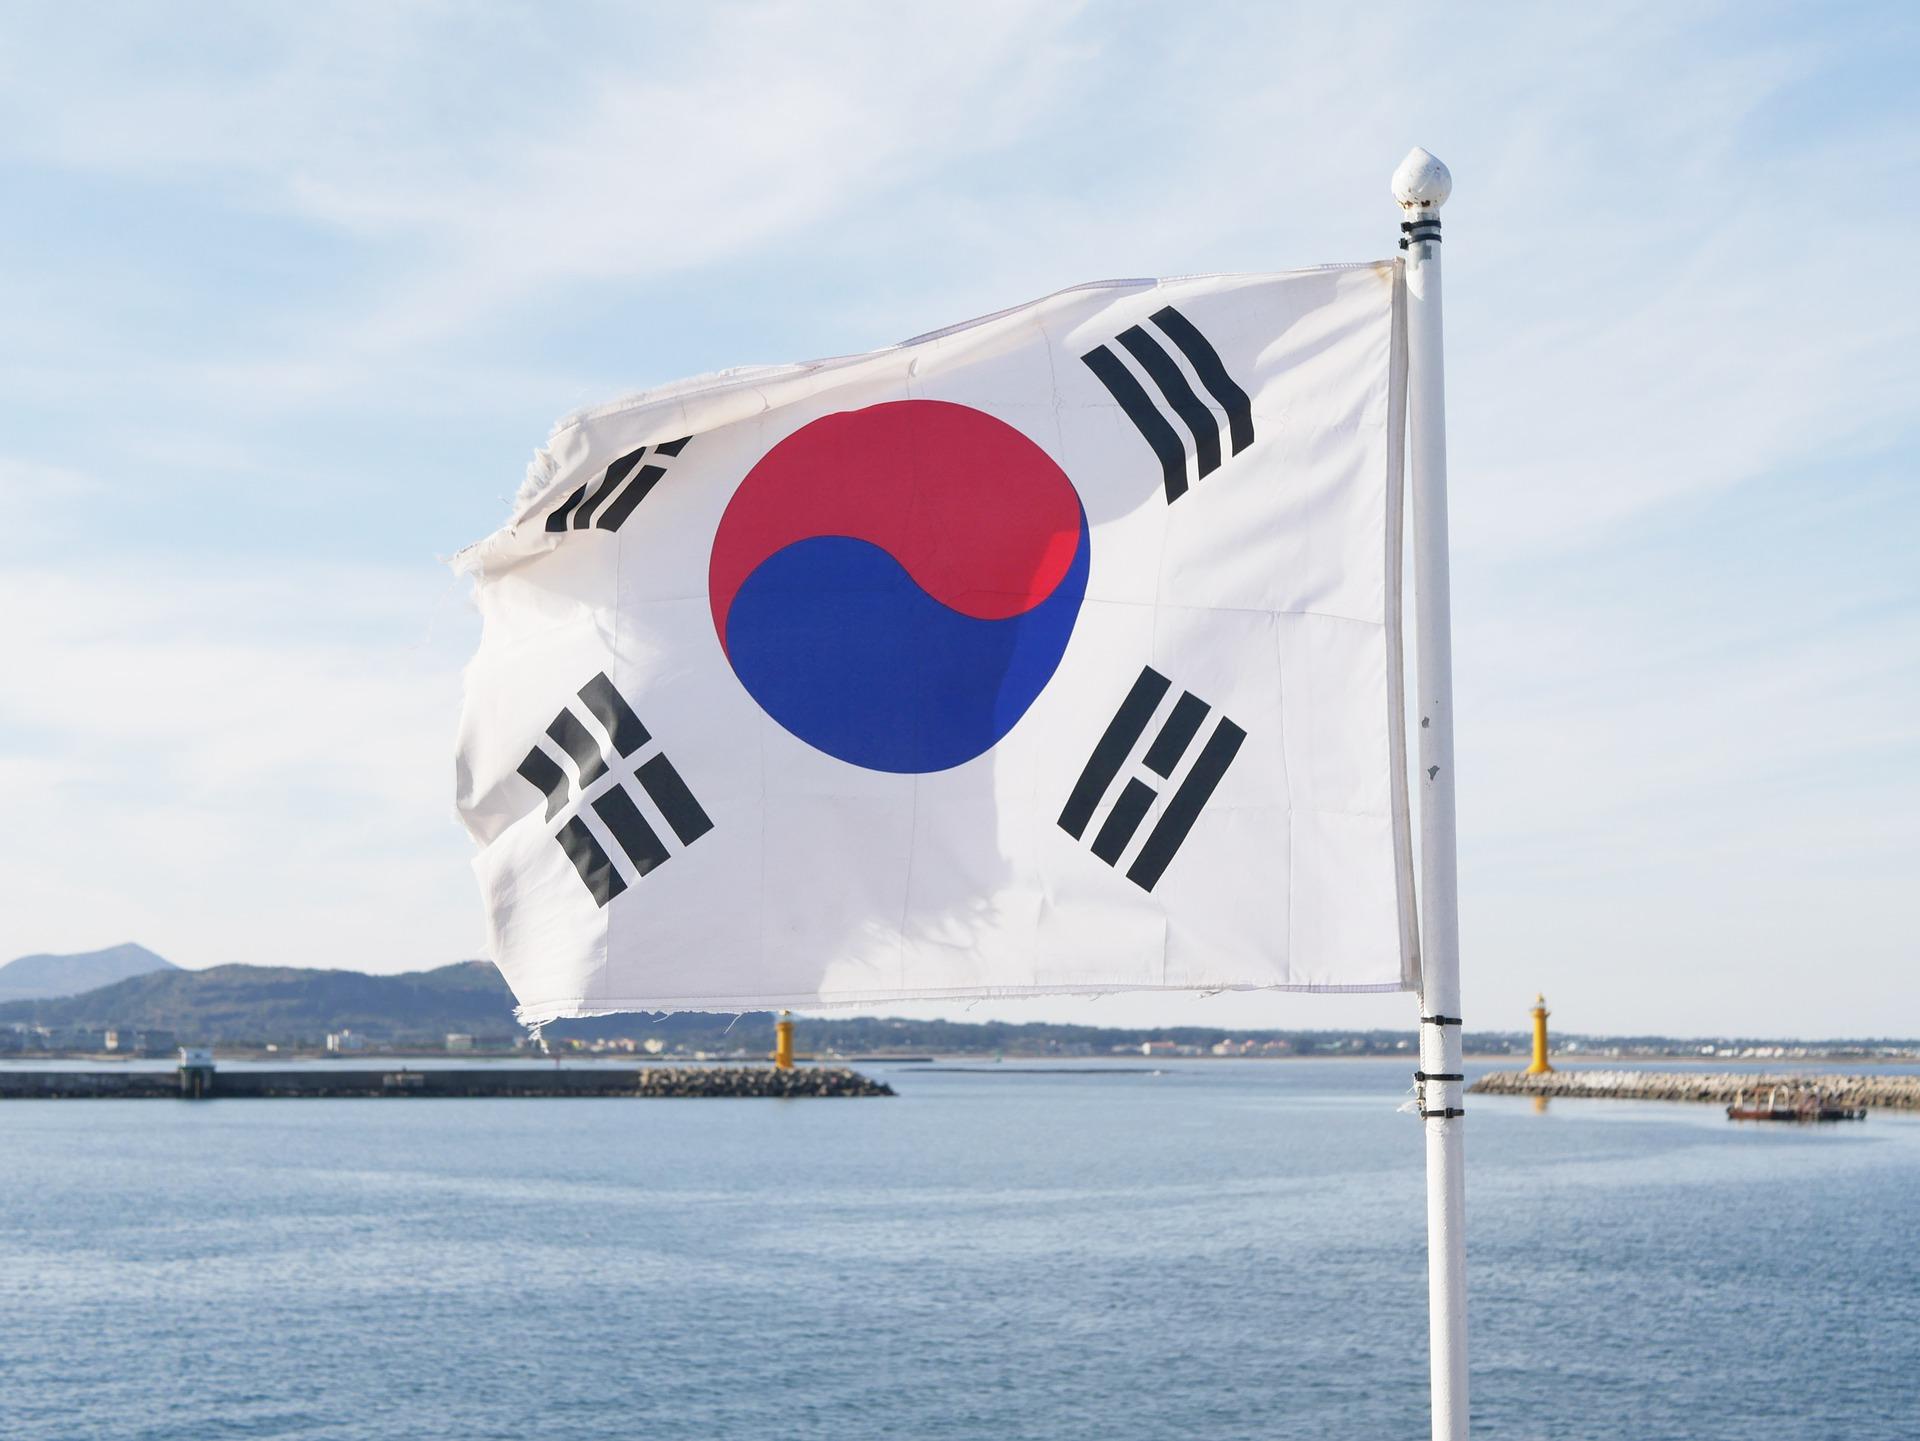 韓国の安全保障を分析する vol.1 日本を上回る軍事費となる可能性も【フィスコ世界経済・金融シナリオ分析会議】